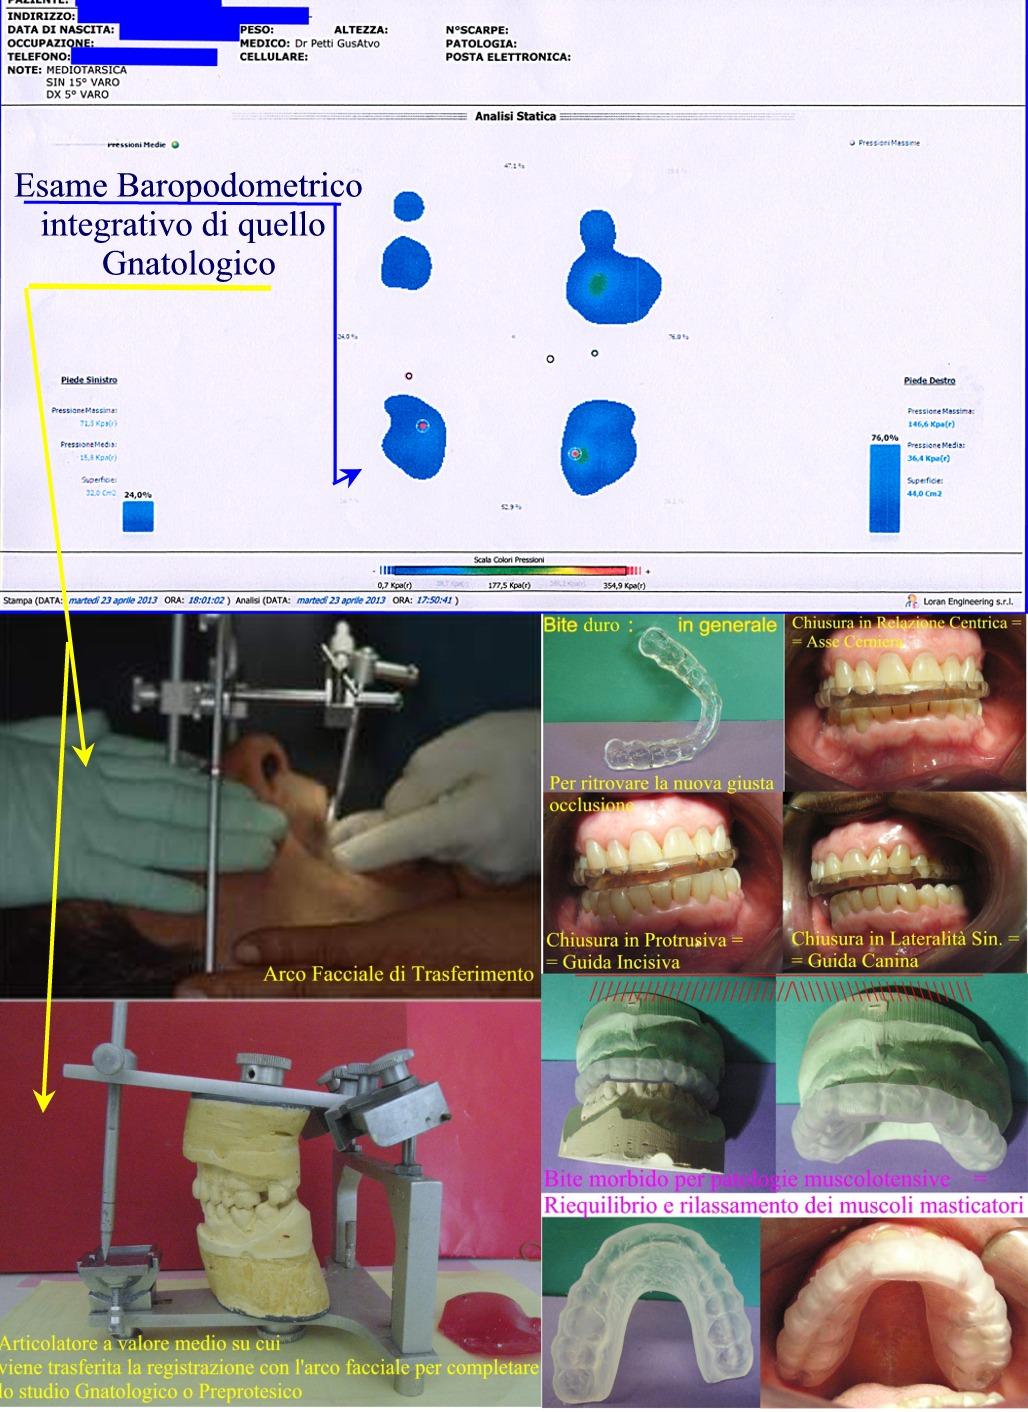 analisi-gnatologica-dr-g.petti-1812.jpg